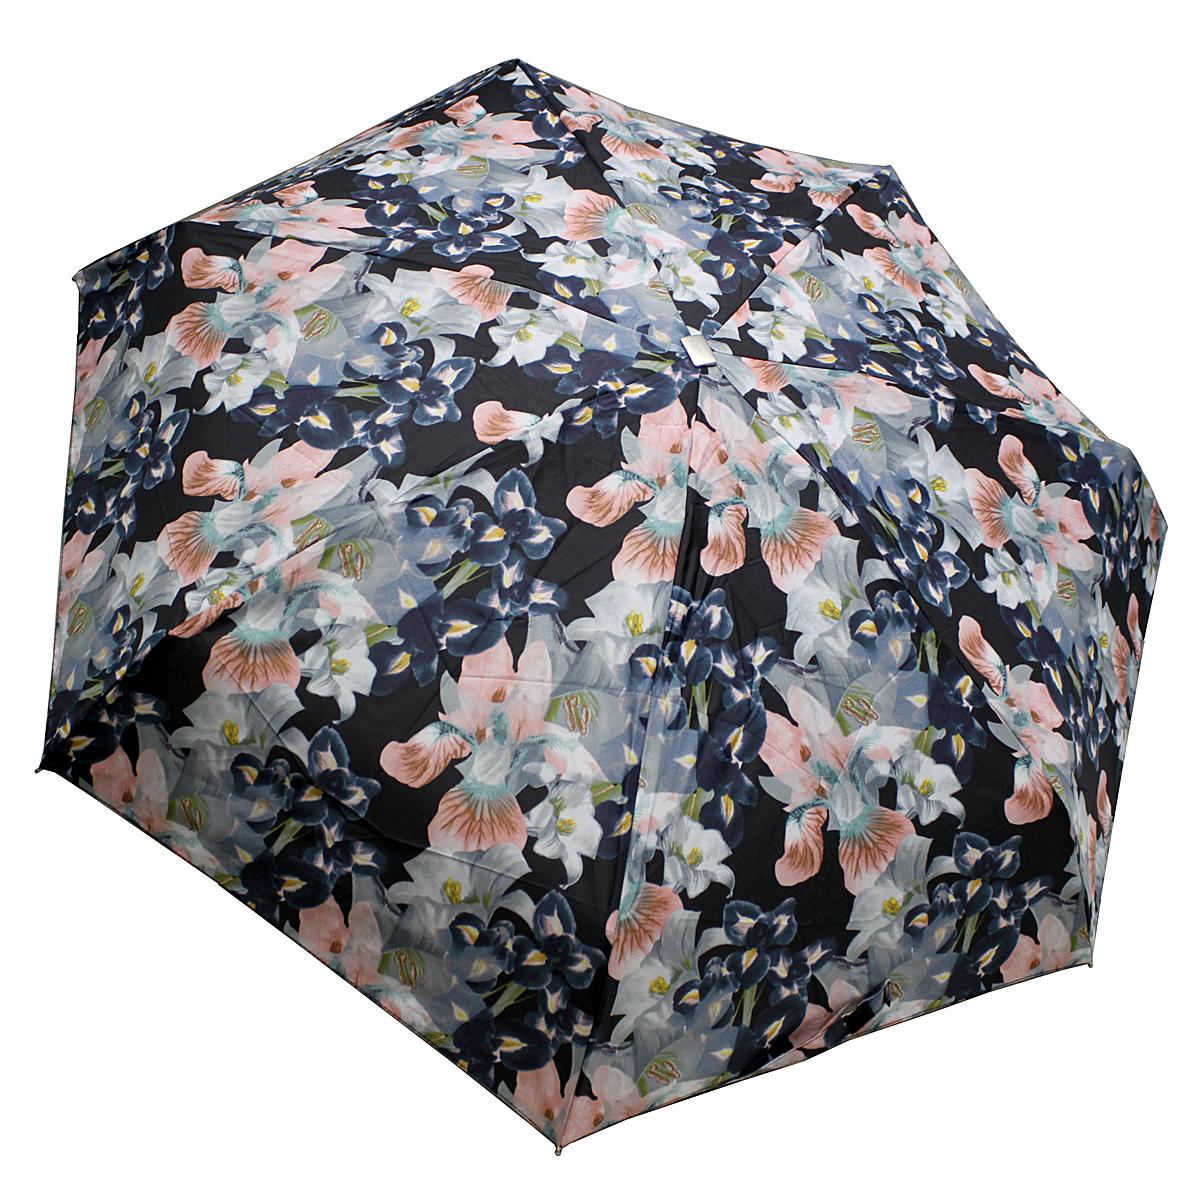 Зонт женский Edmins, механика, 5 сложений, цвет: черно-розовый. 110-145100032/35449/3537AМеханический компактный зонт Edmins в 5 сложений даже в ненастную погоду позволит вам оставаться стильной и элегантной. Купол зонта выполнен из прочного полиэстера. Каркас зонта выполнен из 7 металлических спиц, удобная рукоятка - из пластика с металлизированным матовым покрытием. Стержень выполнен из алюминия и стали.На рукоятке для удобства есть небольшой шнурок, позволяющий надеть зонт на руку тогда, когда это будет необходимо. Зонт оснащен системой антиветер, что защищает его от поломок при выворачивании ветром. Компактные размеры зонта в сложенном виде позволят ему без труда поместиться в сумочке и не доставят никаких проблем во время переноски. К зонту прилагается чехол. Длина спицы: 51 см.Длина стержня: 48 см.Вес: 240 г.